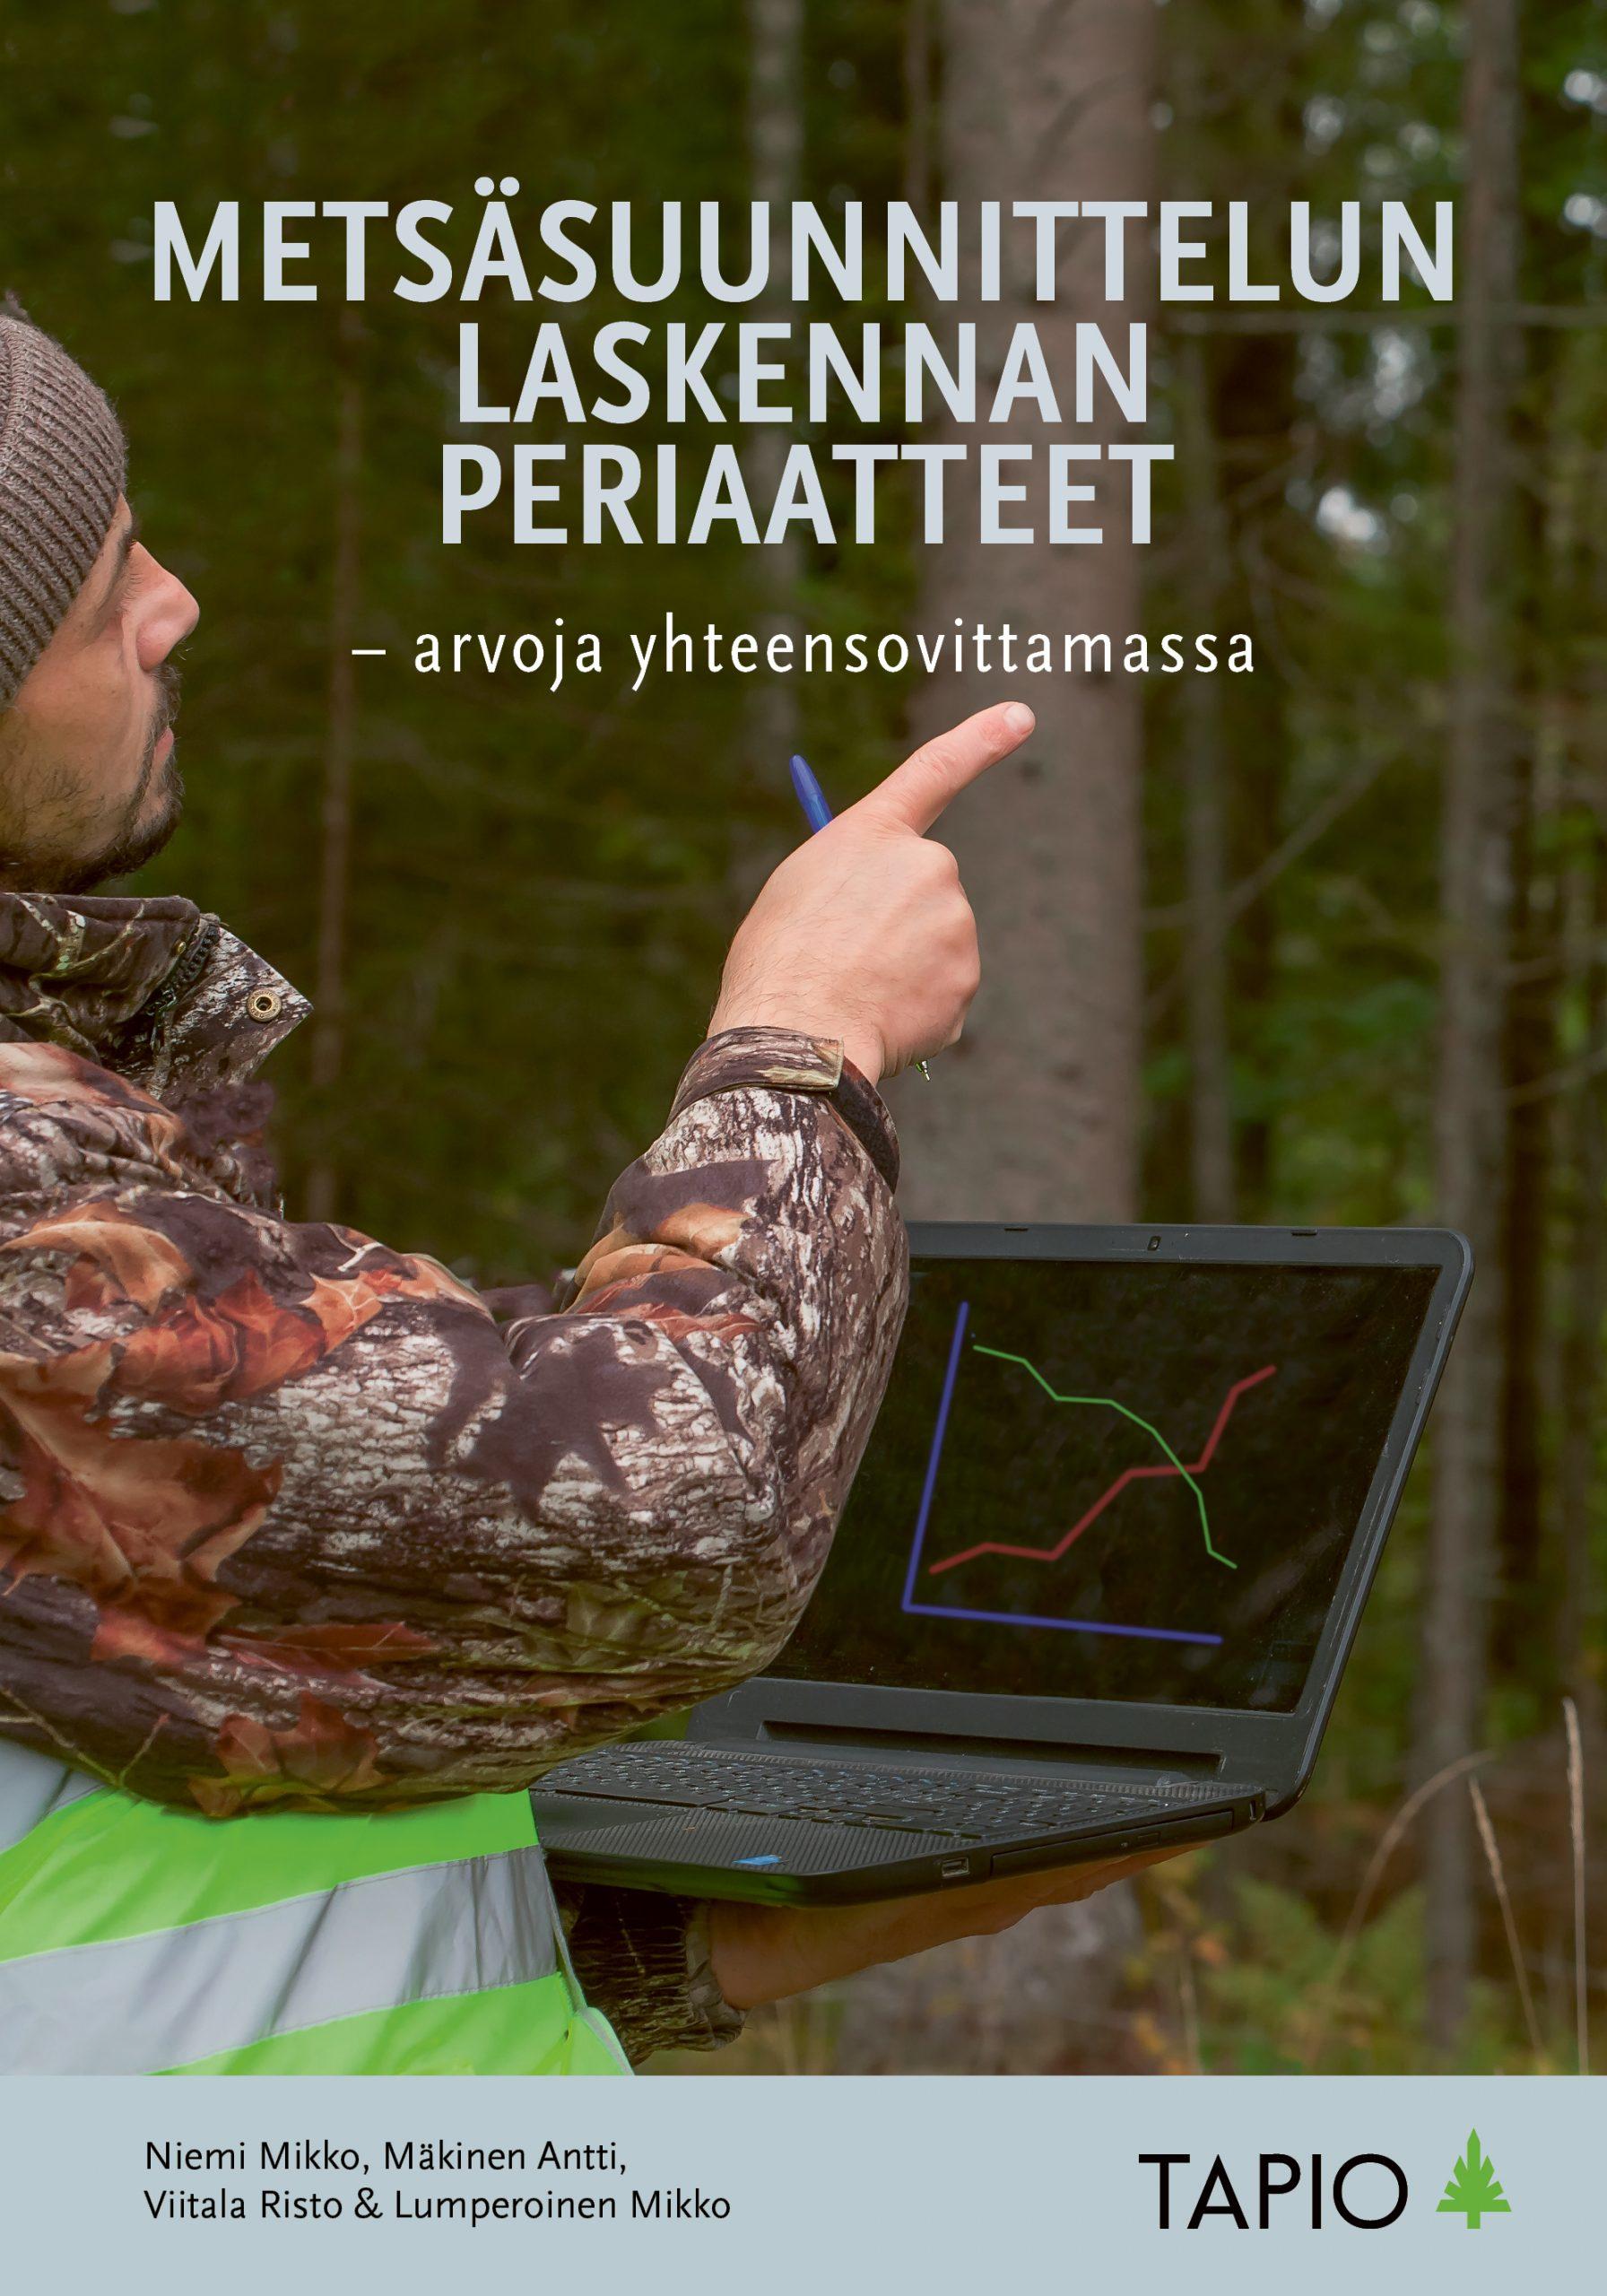 Laskennan perusteet -kirjan kansikuva. Kuvassa metsää ja ihminen tietokoneen kanssa.